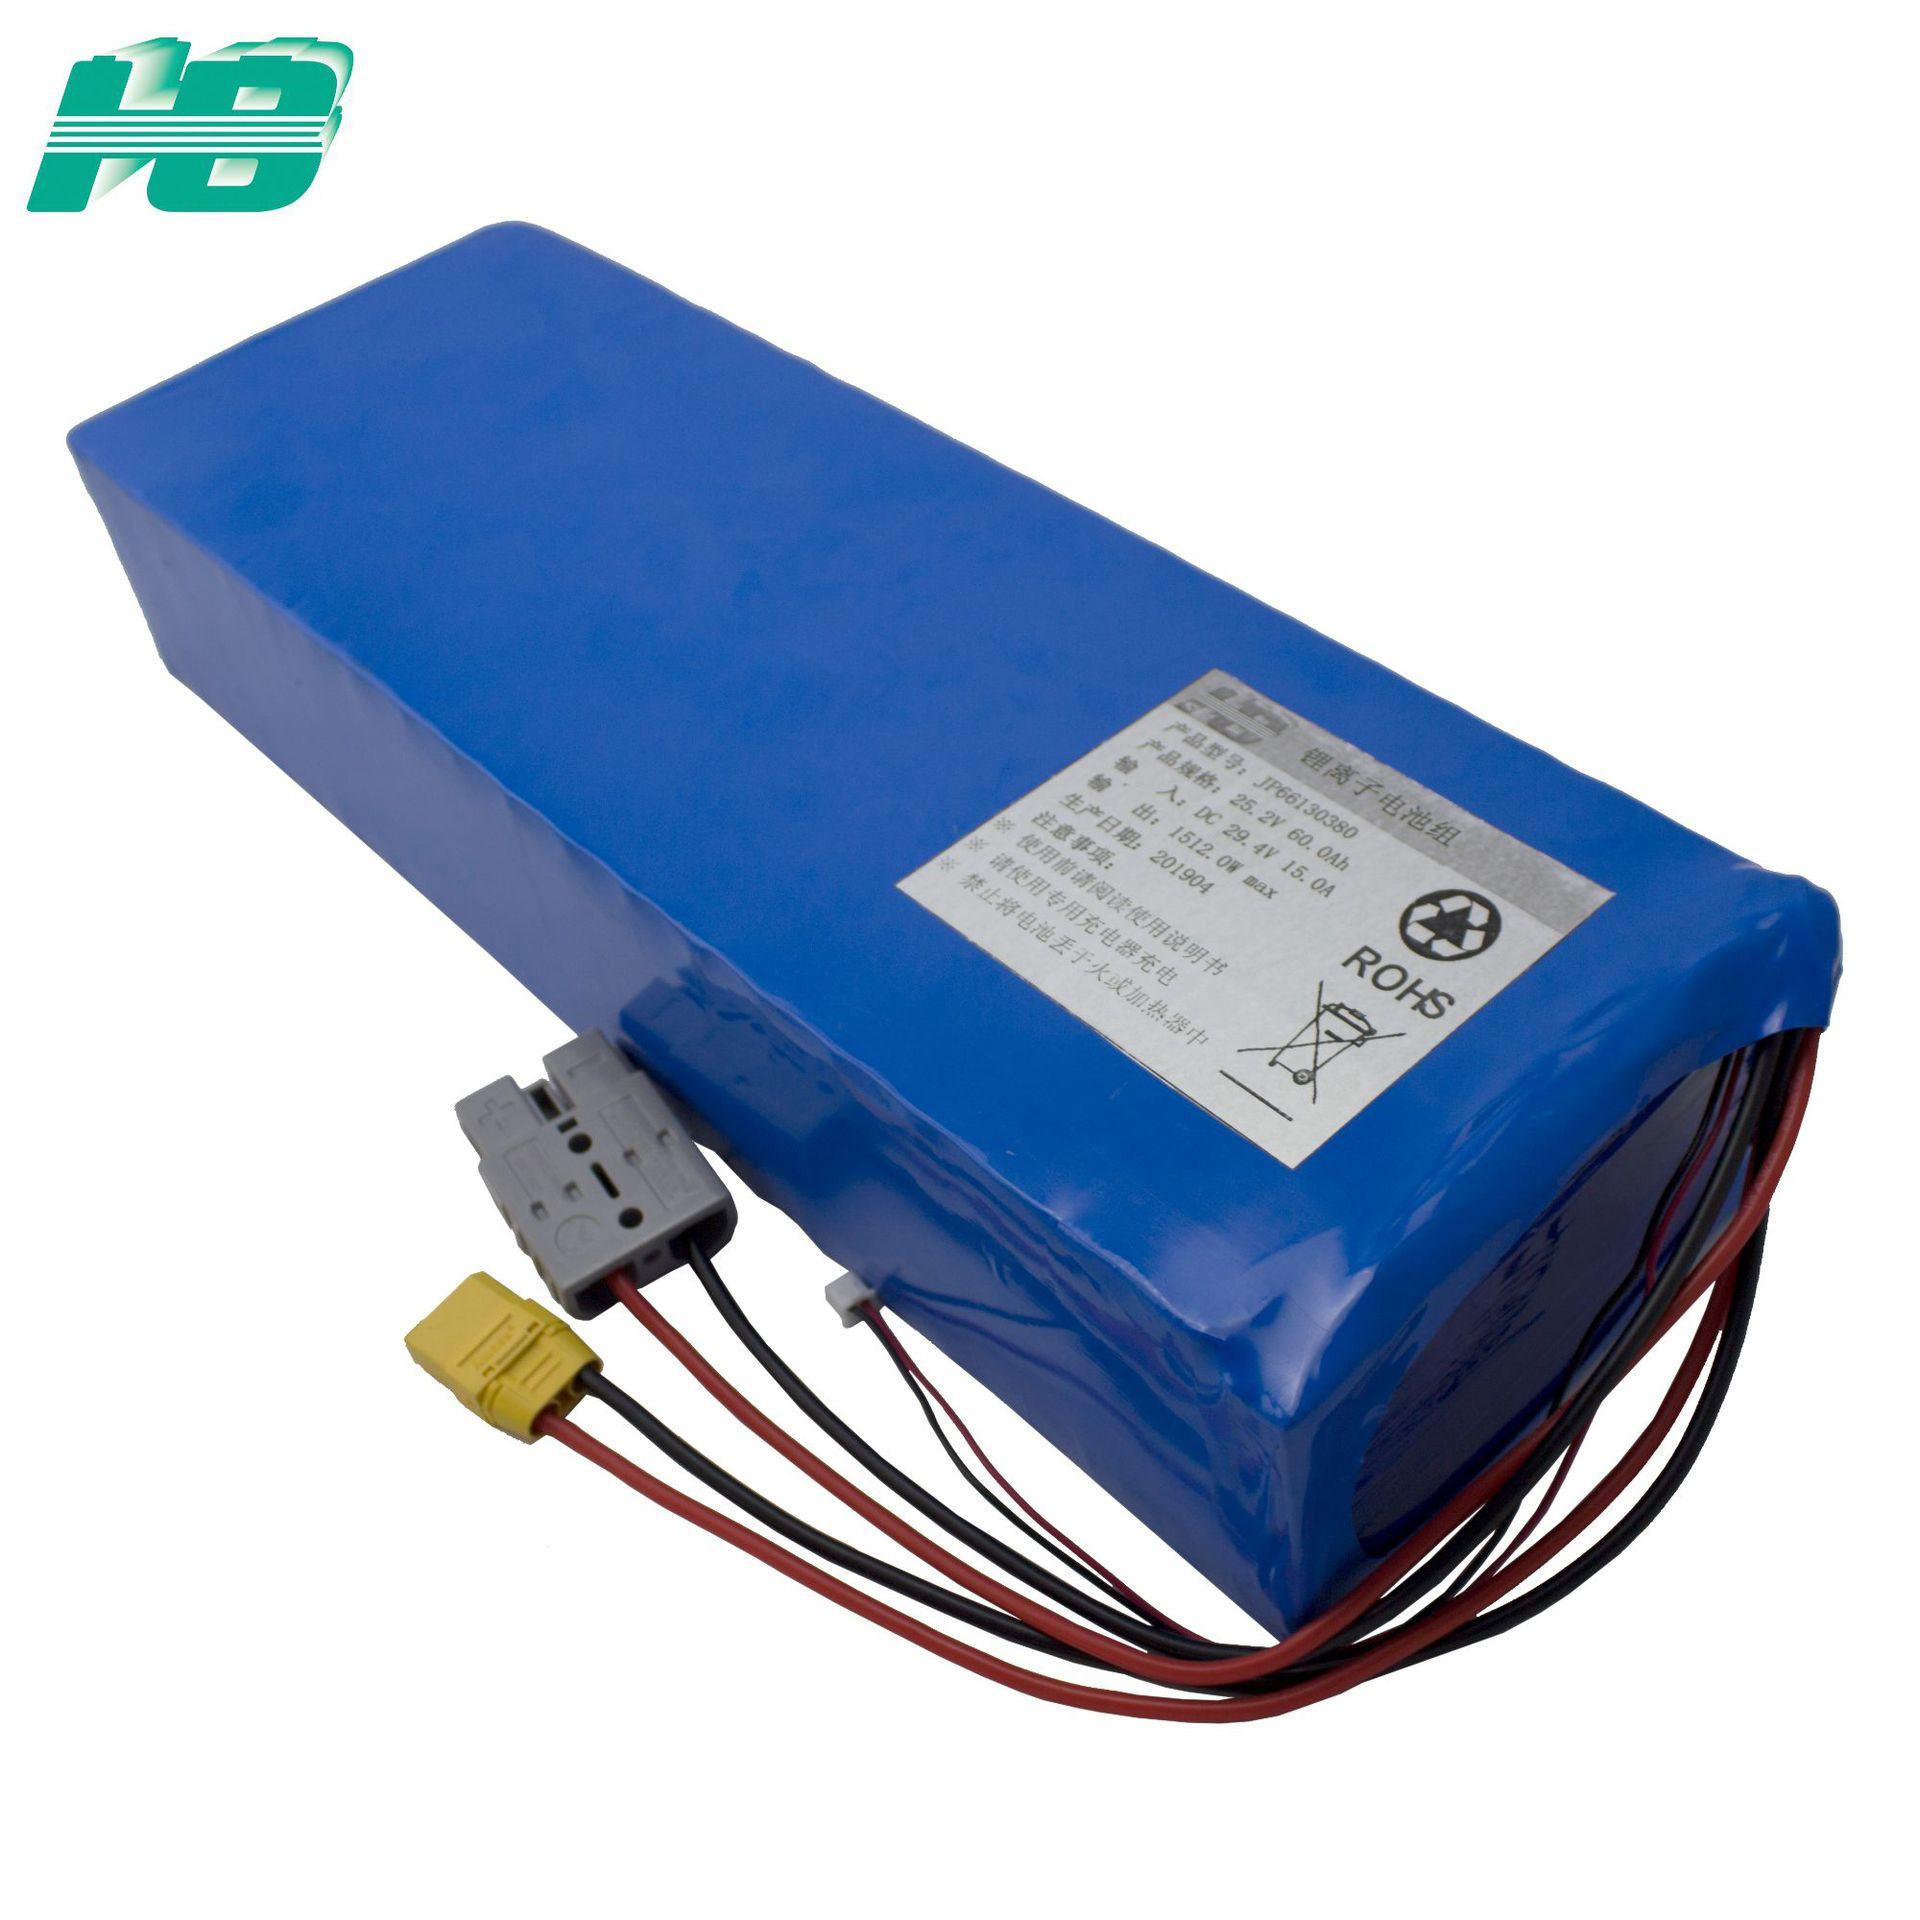 浩博25.2V60Ah锂电池低温三元锂离子充电电池AGV物流车锂电池定制